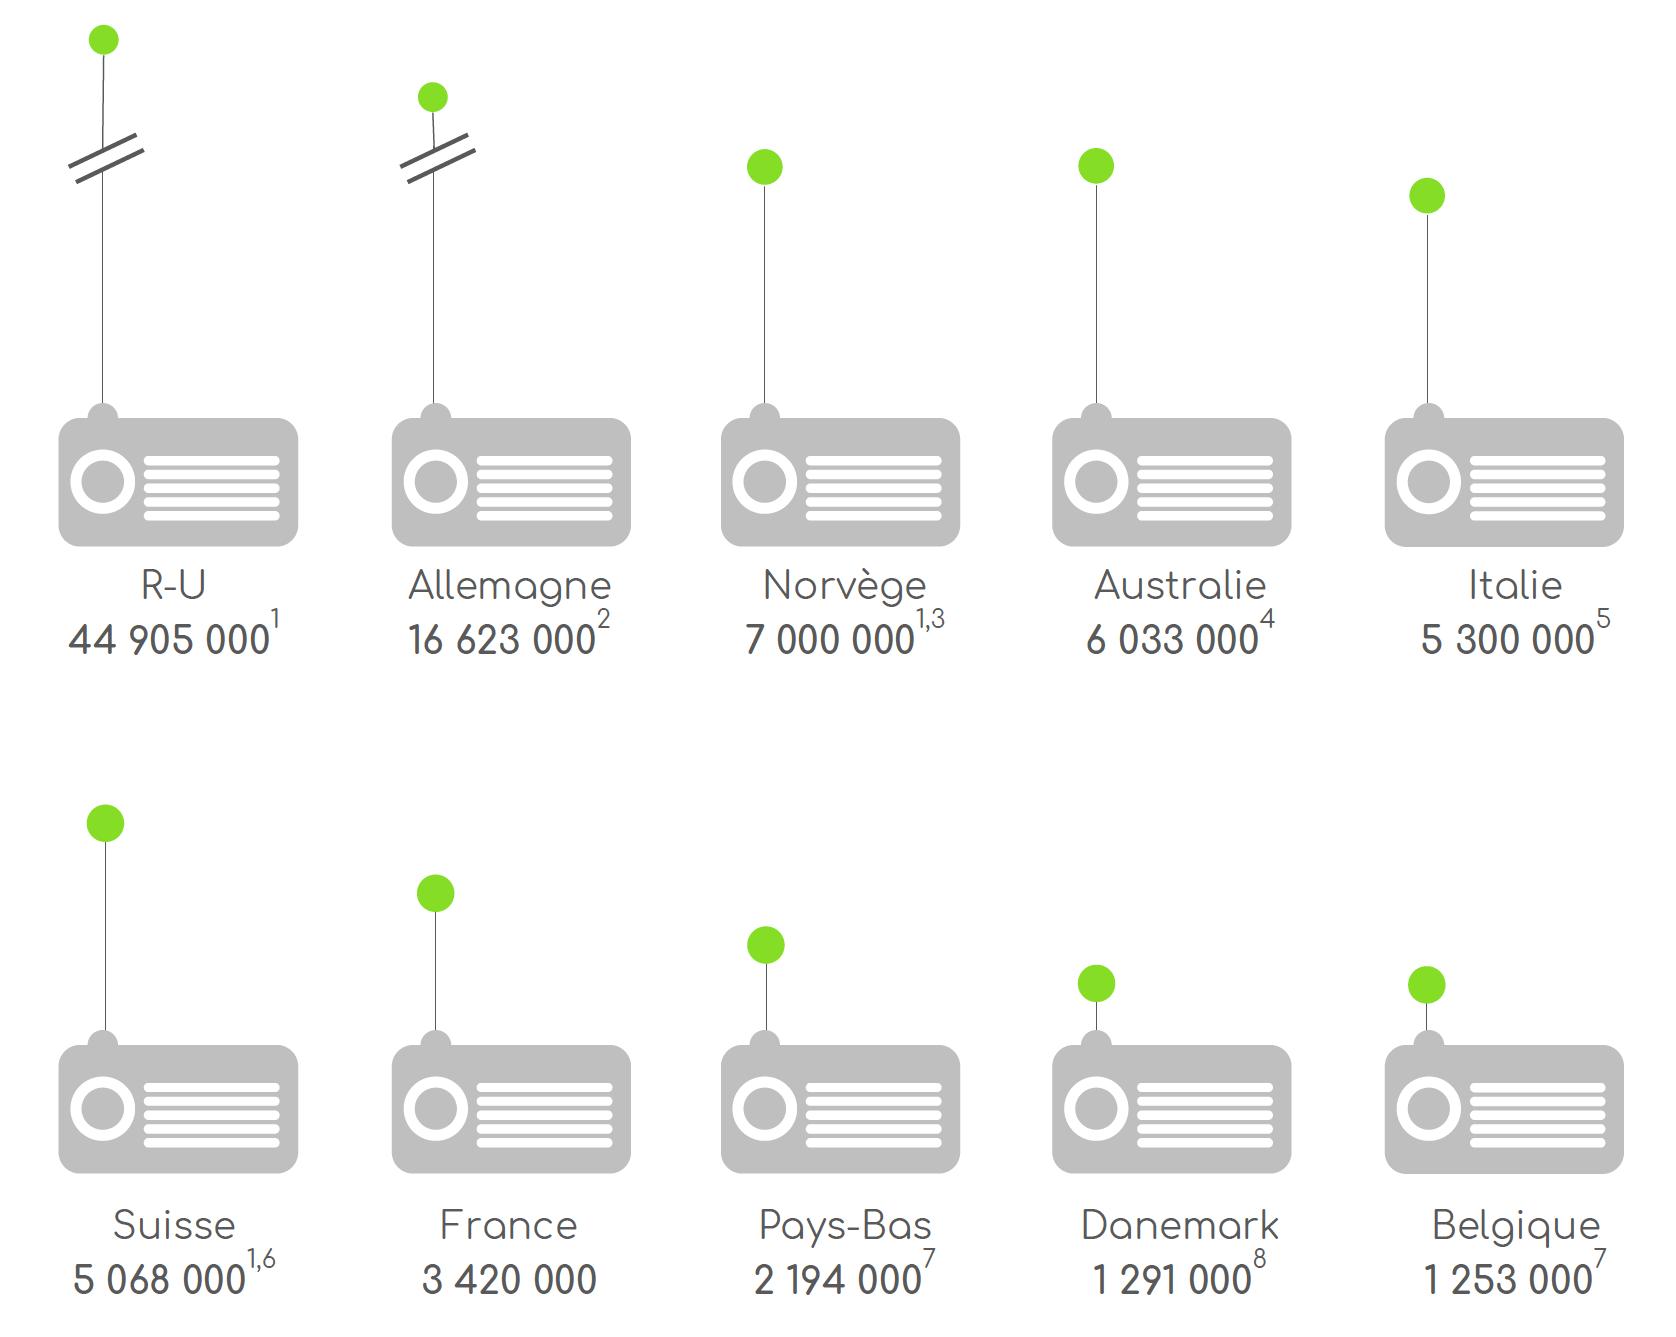 Les ventes cumulées de récepteurs DAB/DAB+ (incluant la première monte automobile) 2008 - S1 2020